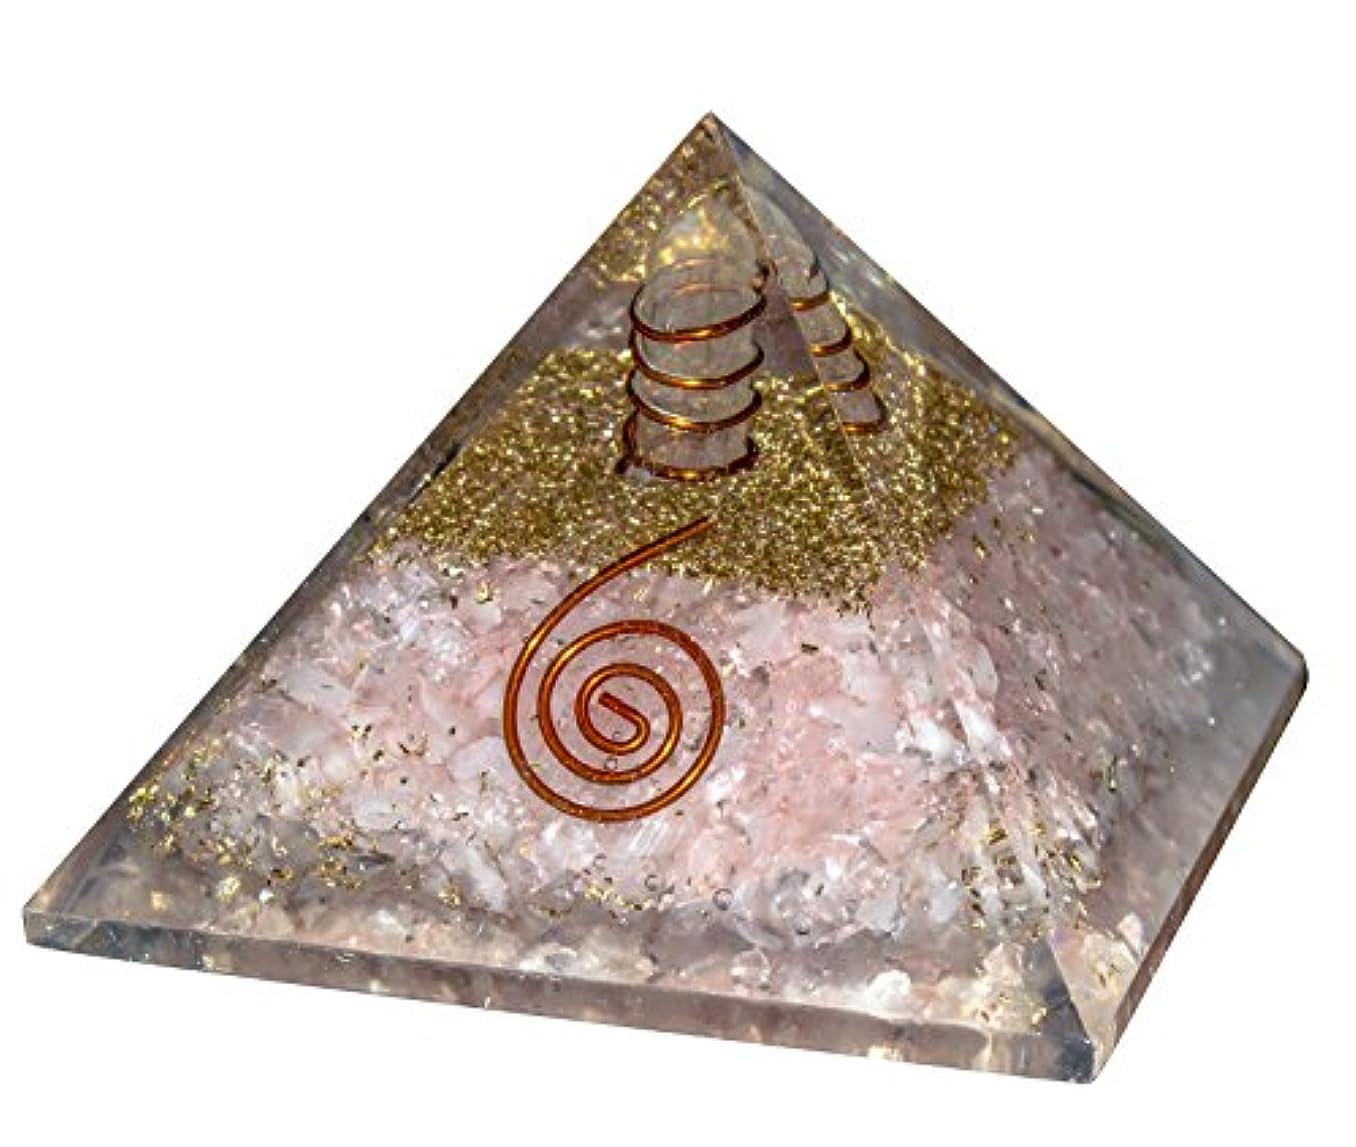 ジャズ博物館キウイcroconローズクォーツOrgoneレイキHealingクリスタルポイントピラミッドチャクラバランシングエネルギージェネレータサイズ: 2.5 – 3インチ